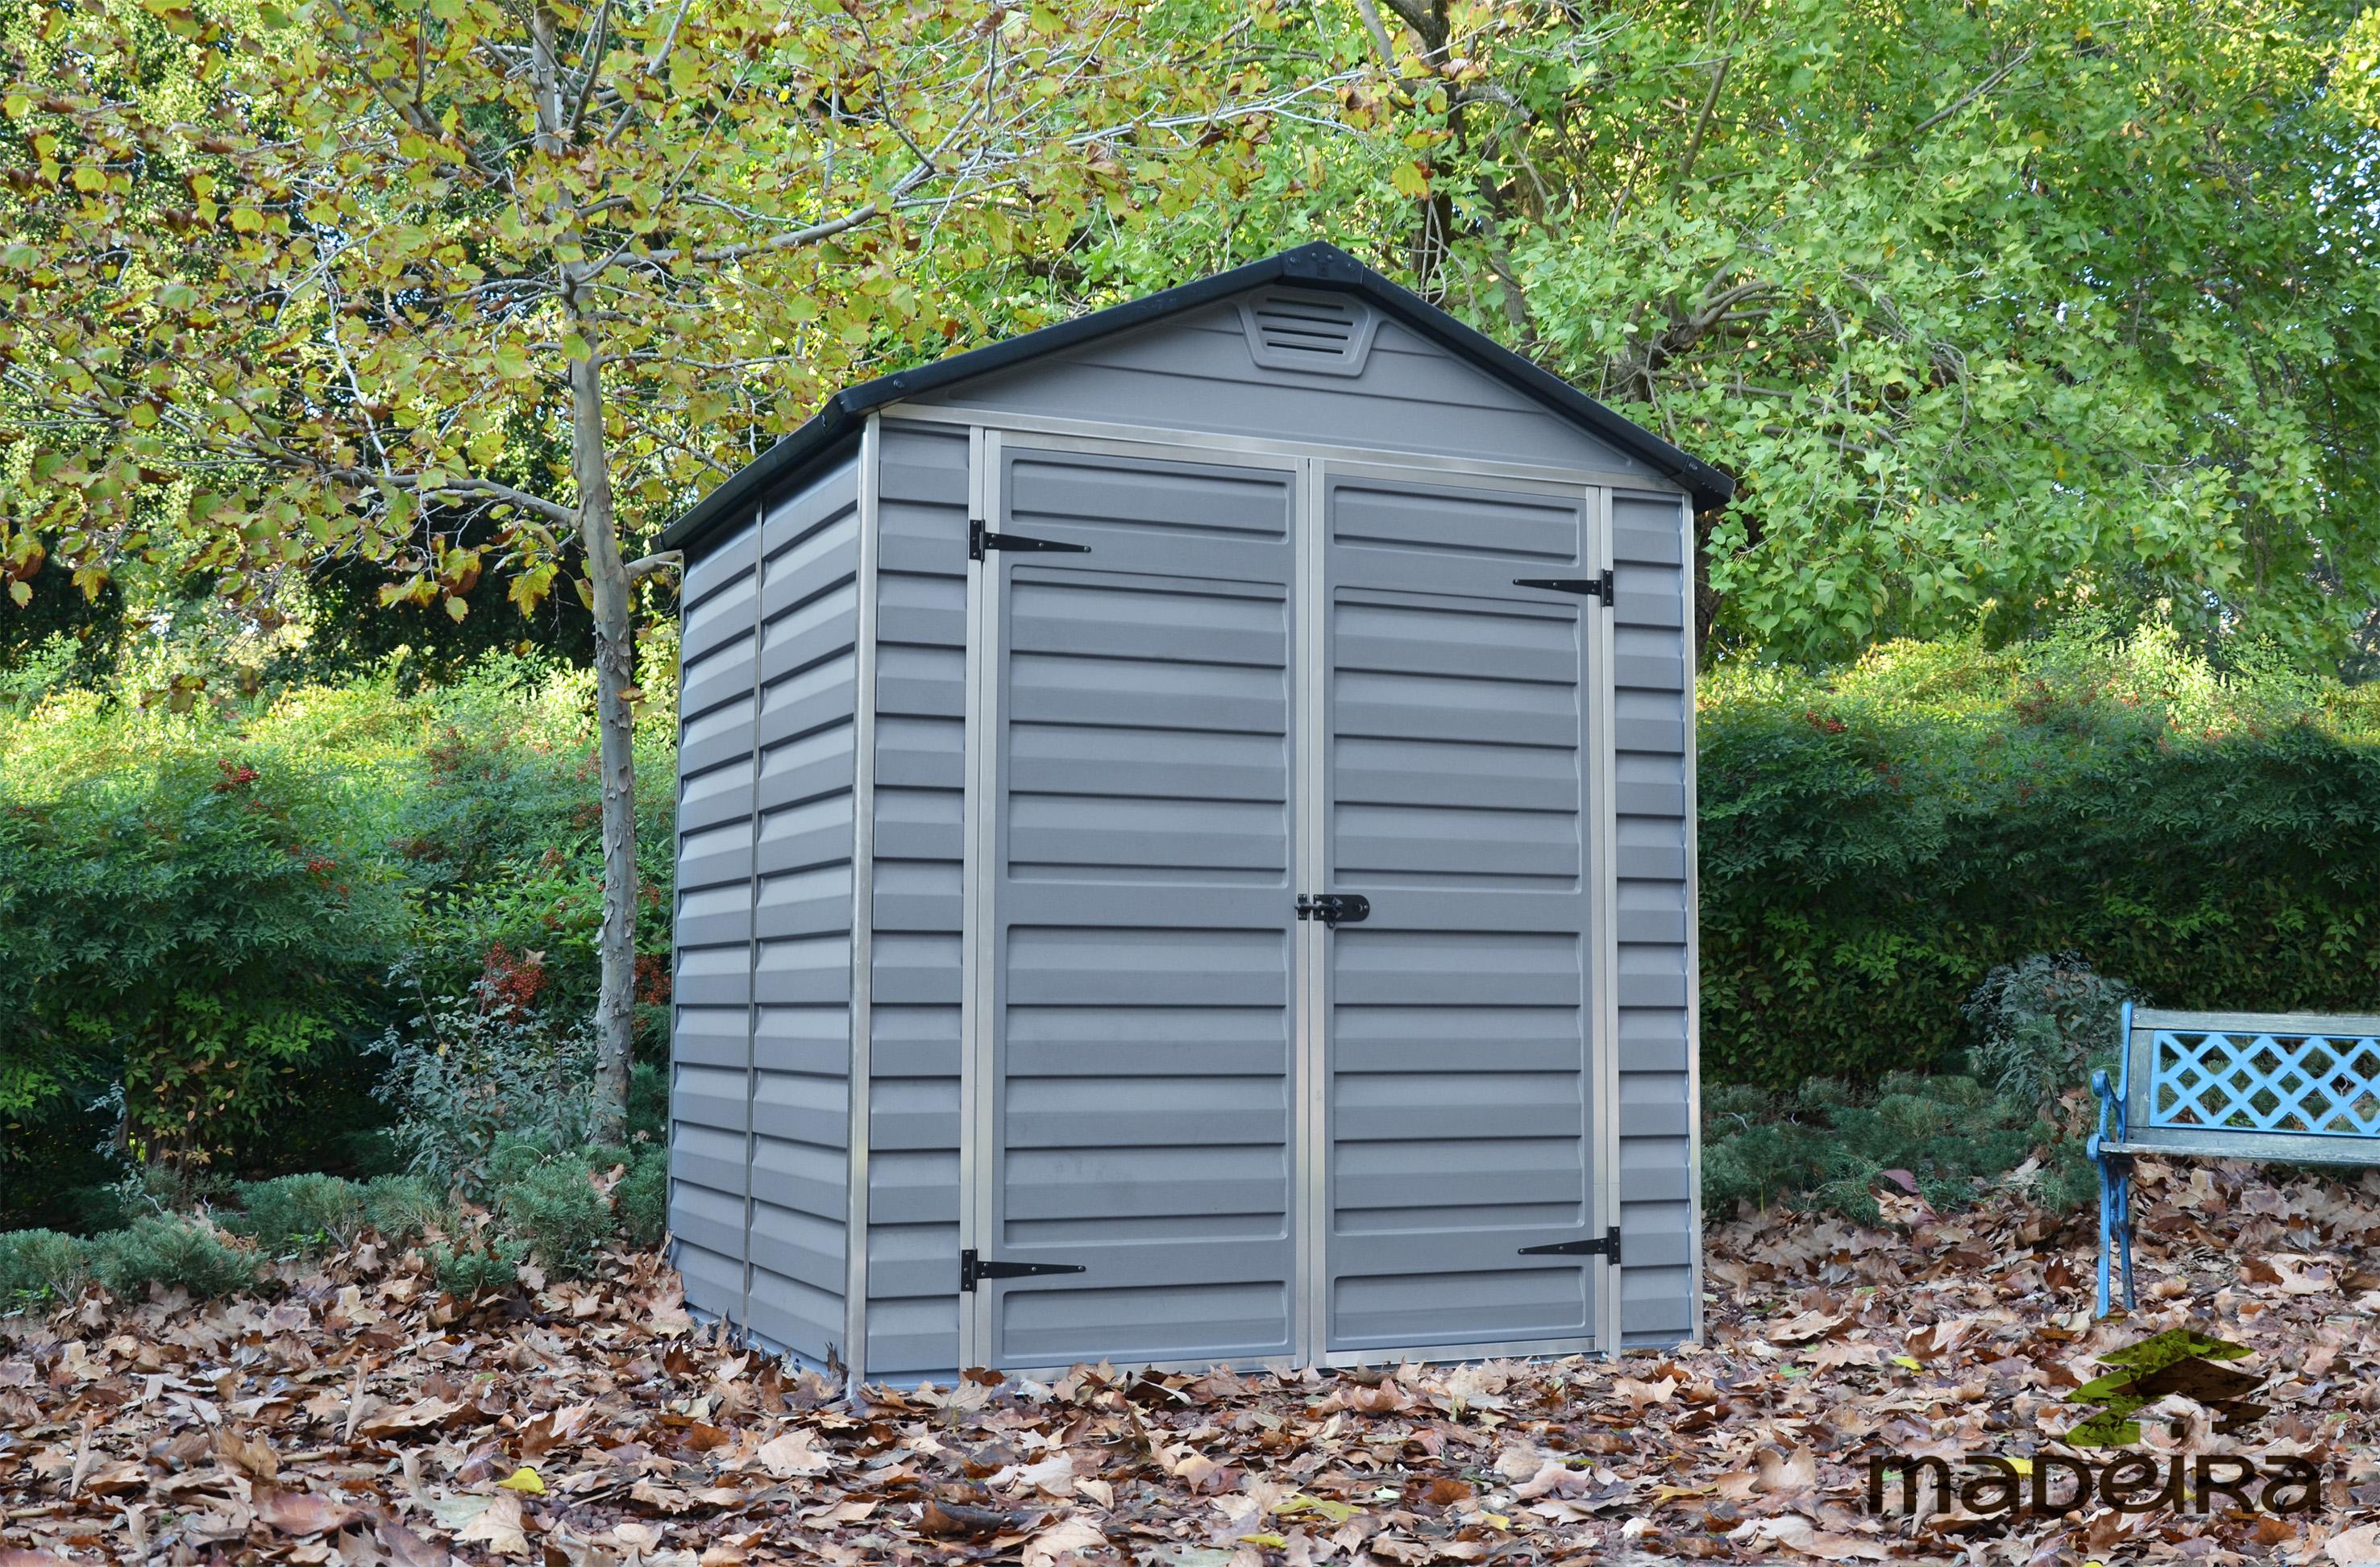 Meilleur de abri de jardin avec plancher id es de salon de jardin - Abri de jardin avec plancher ...